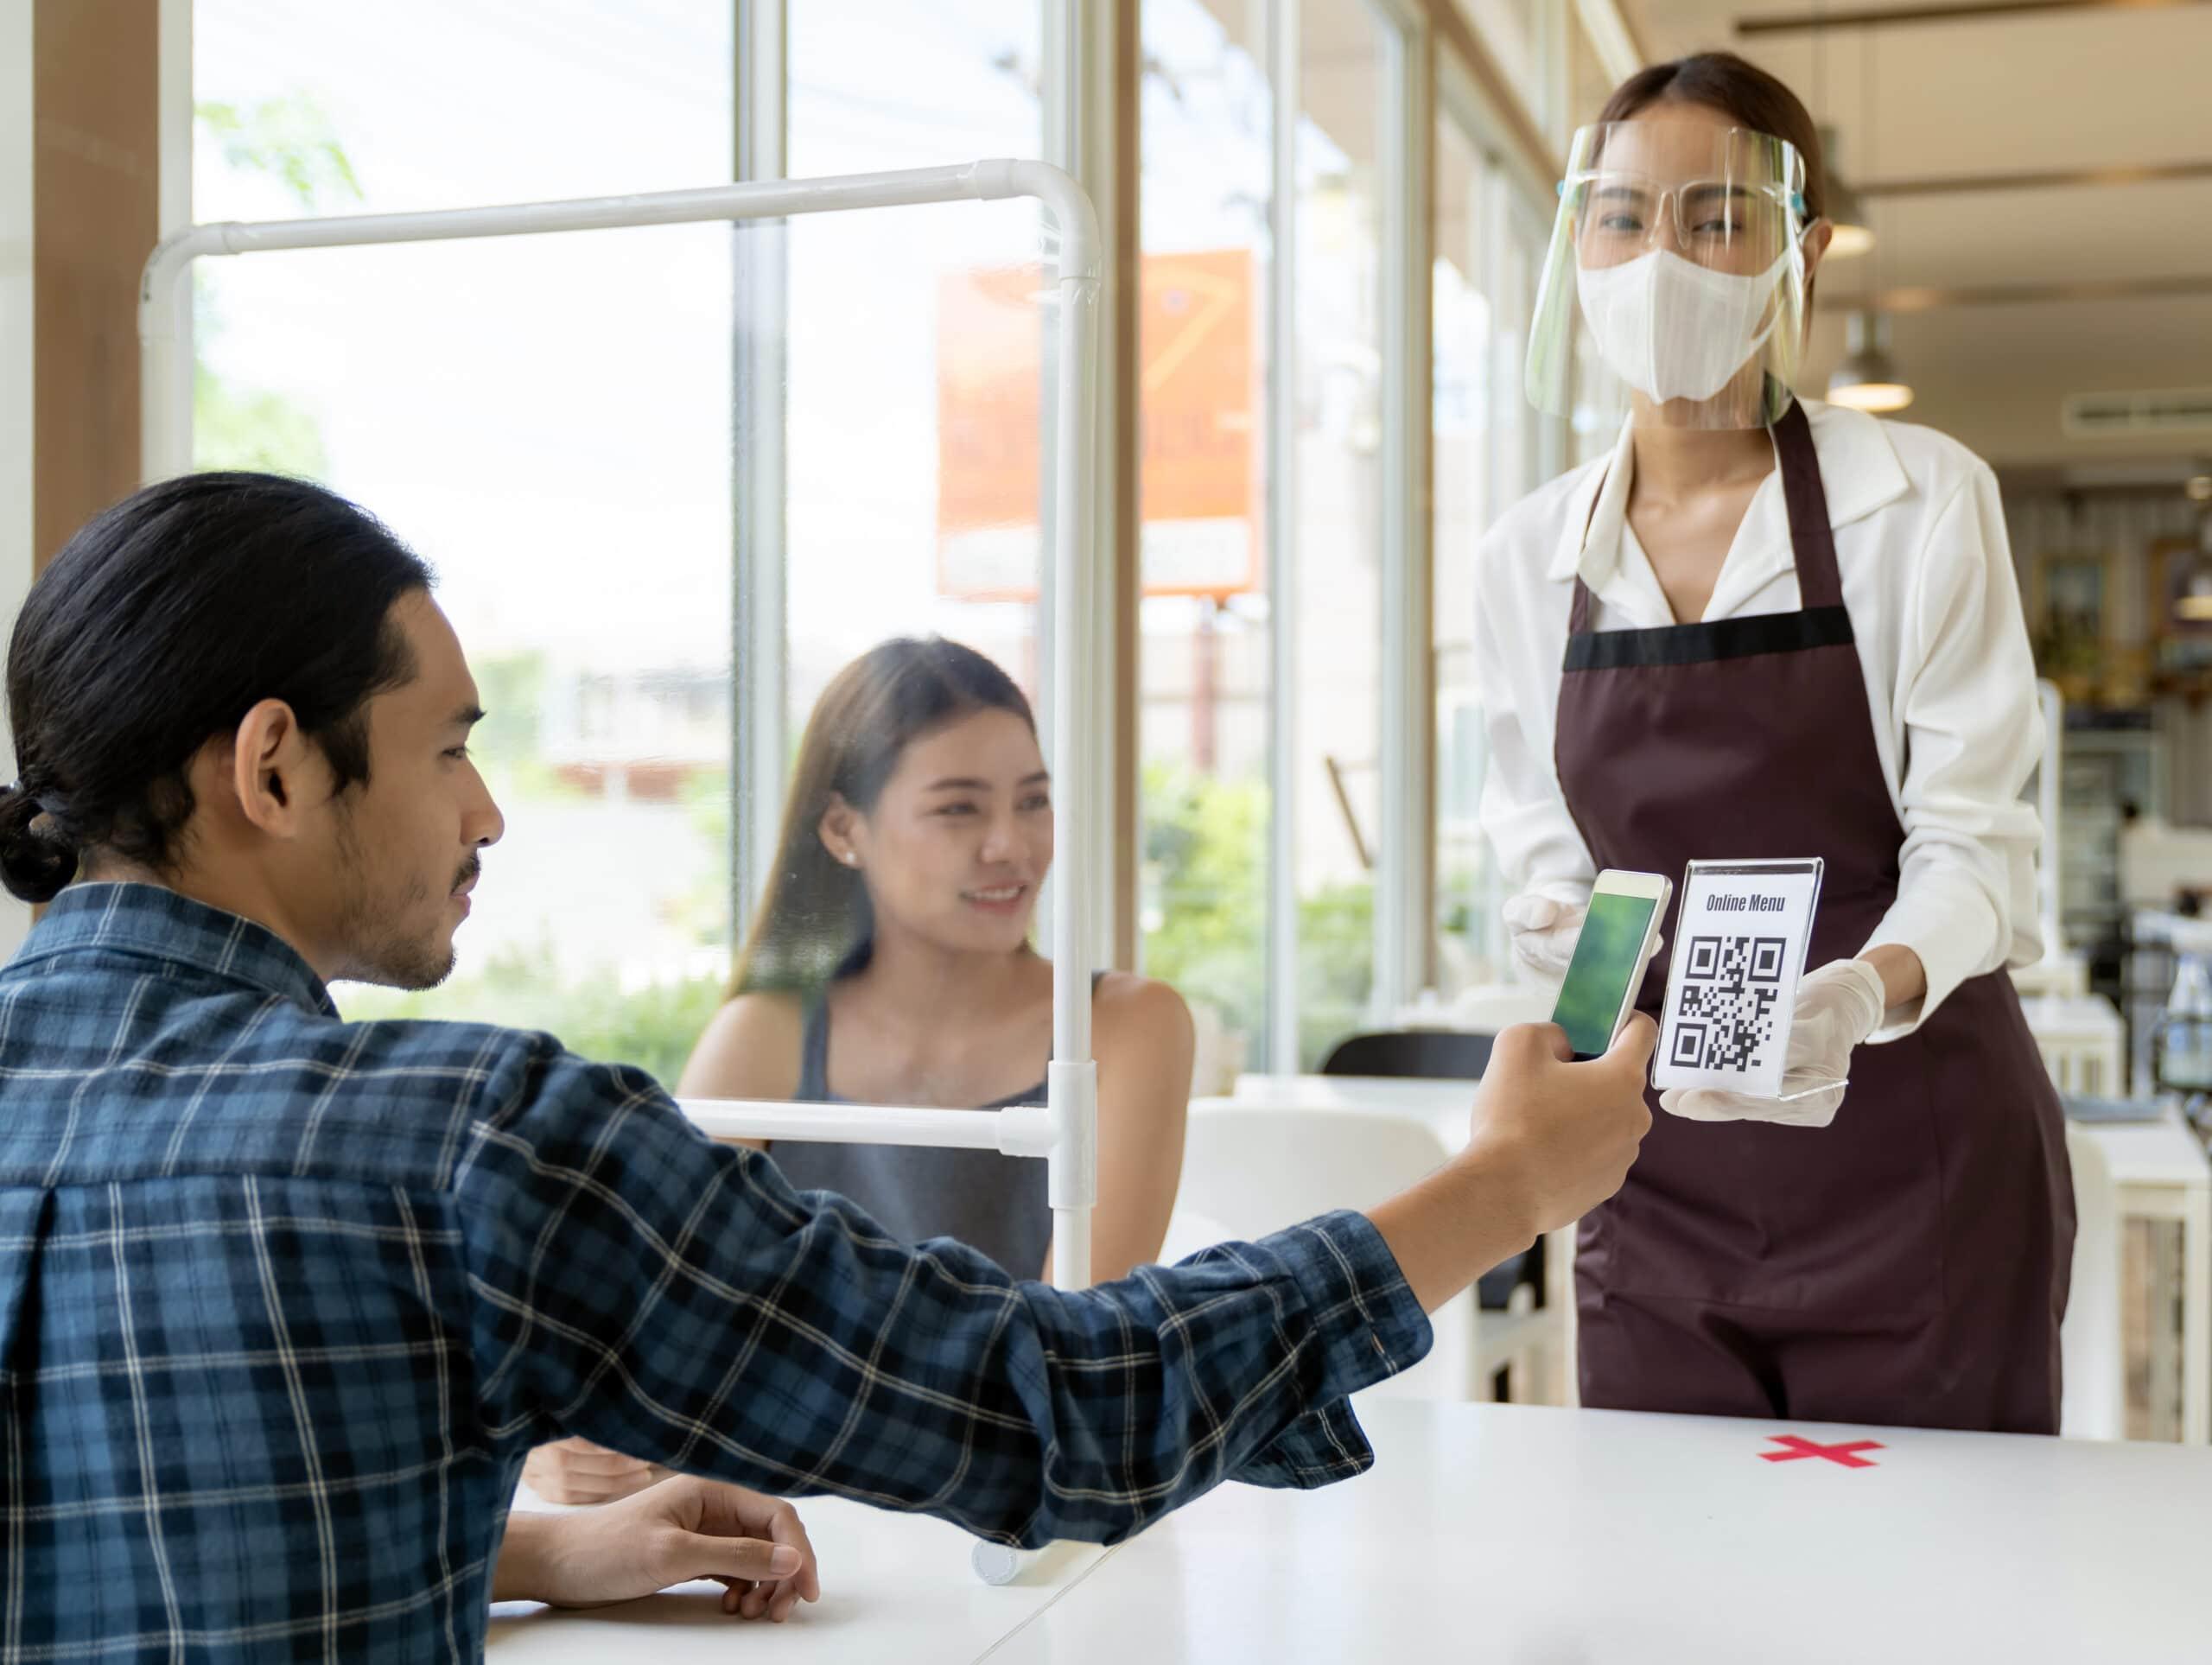 Pessoa escaneando um código QR dentro de um restaurante durante a pandemia do novo Coronavírus